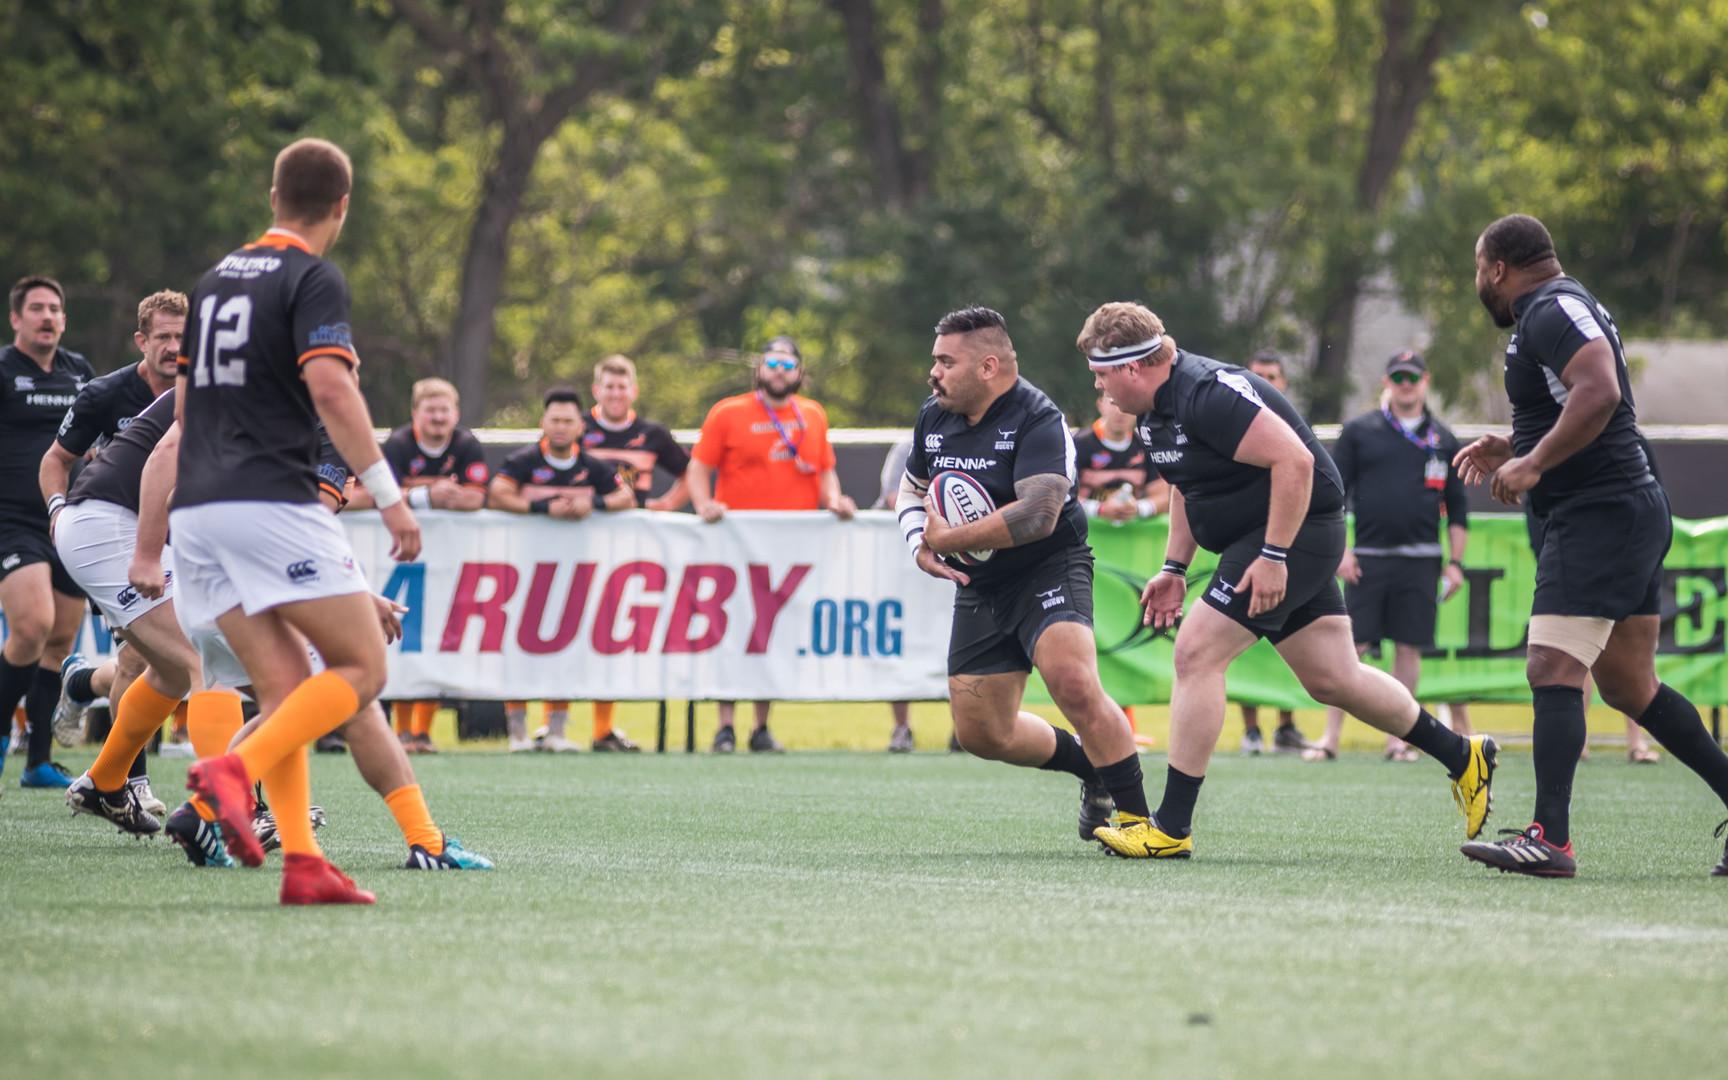 Rugby-176.JPG